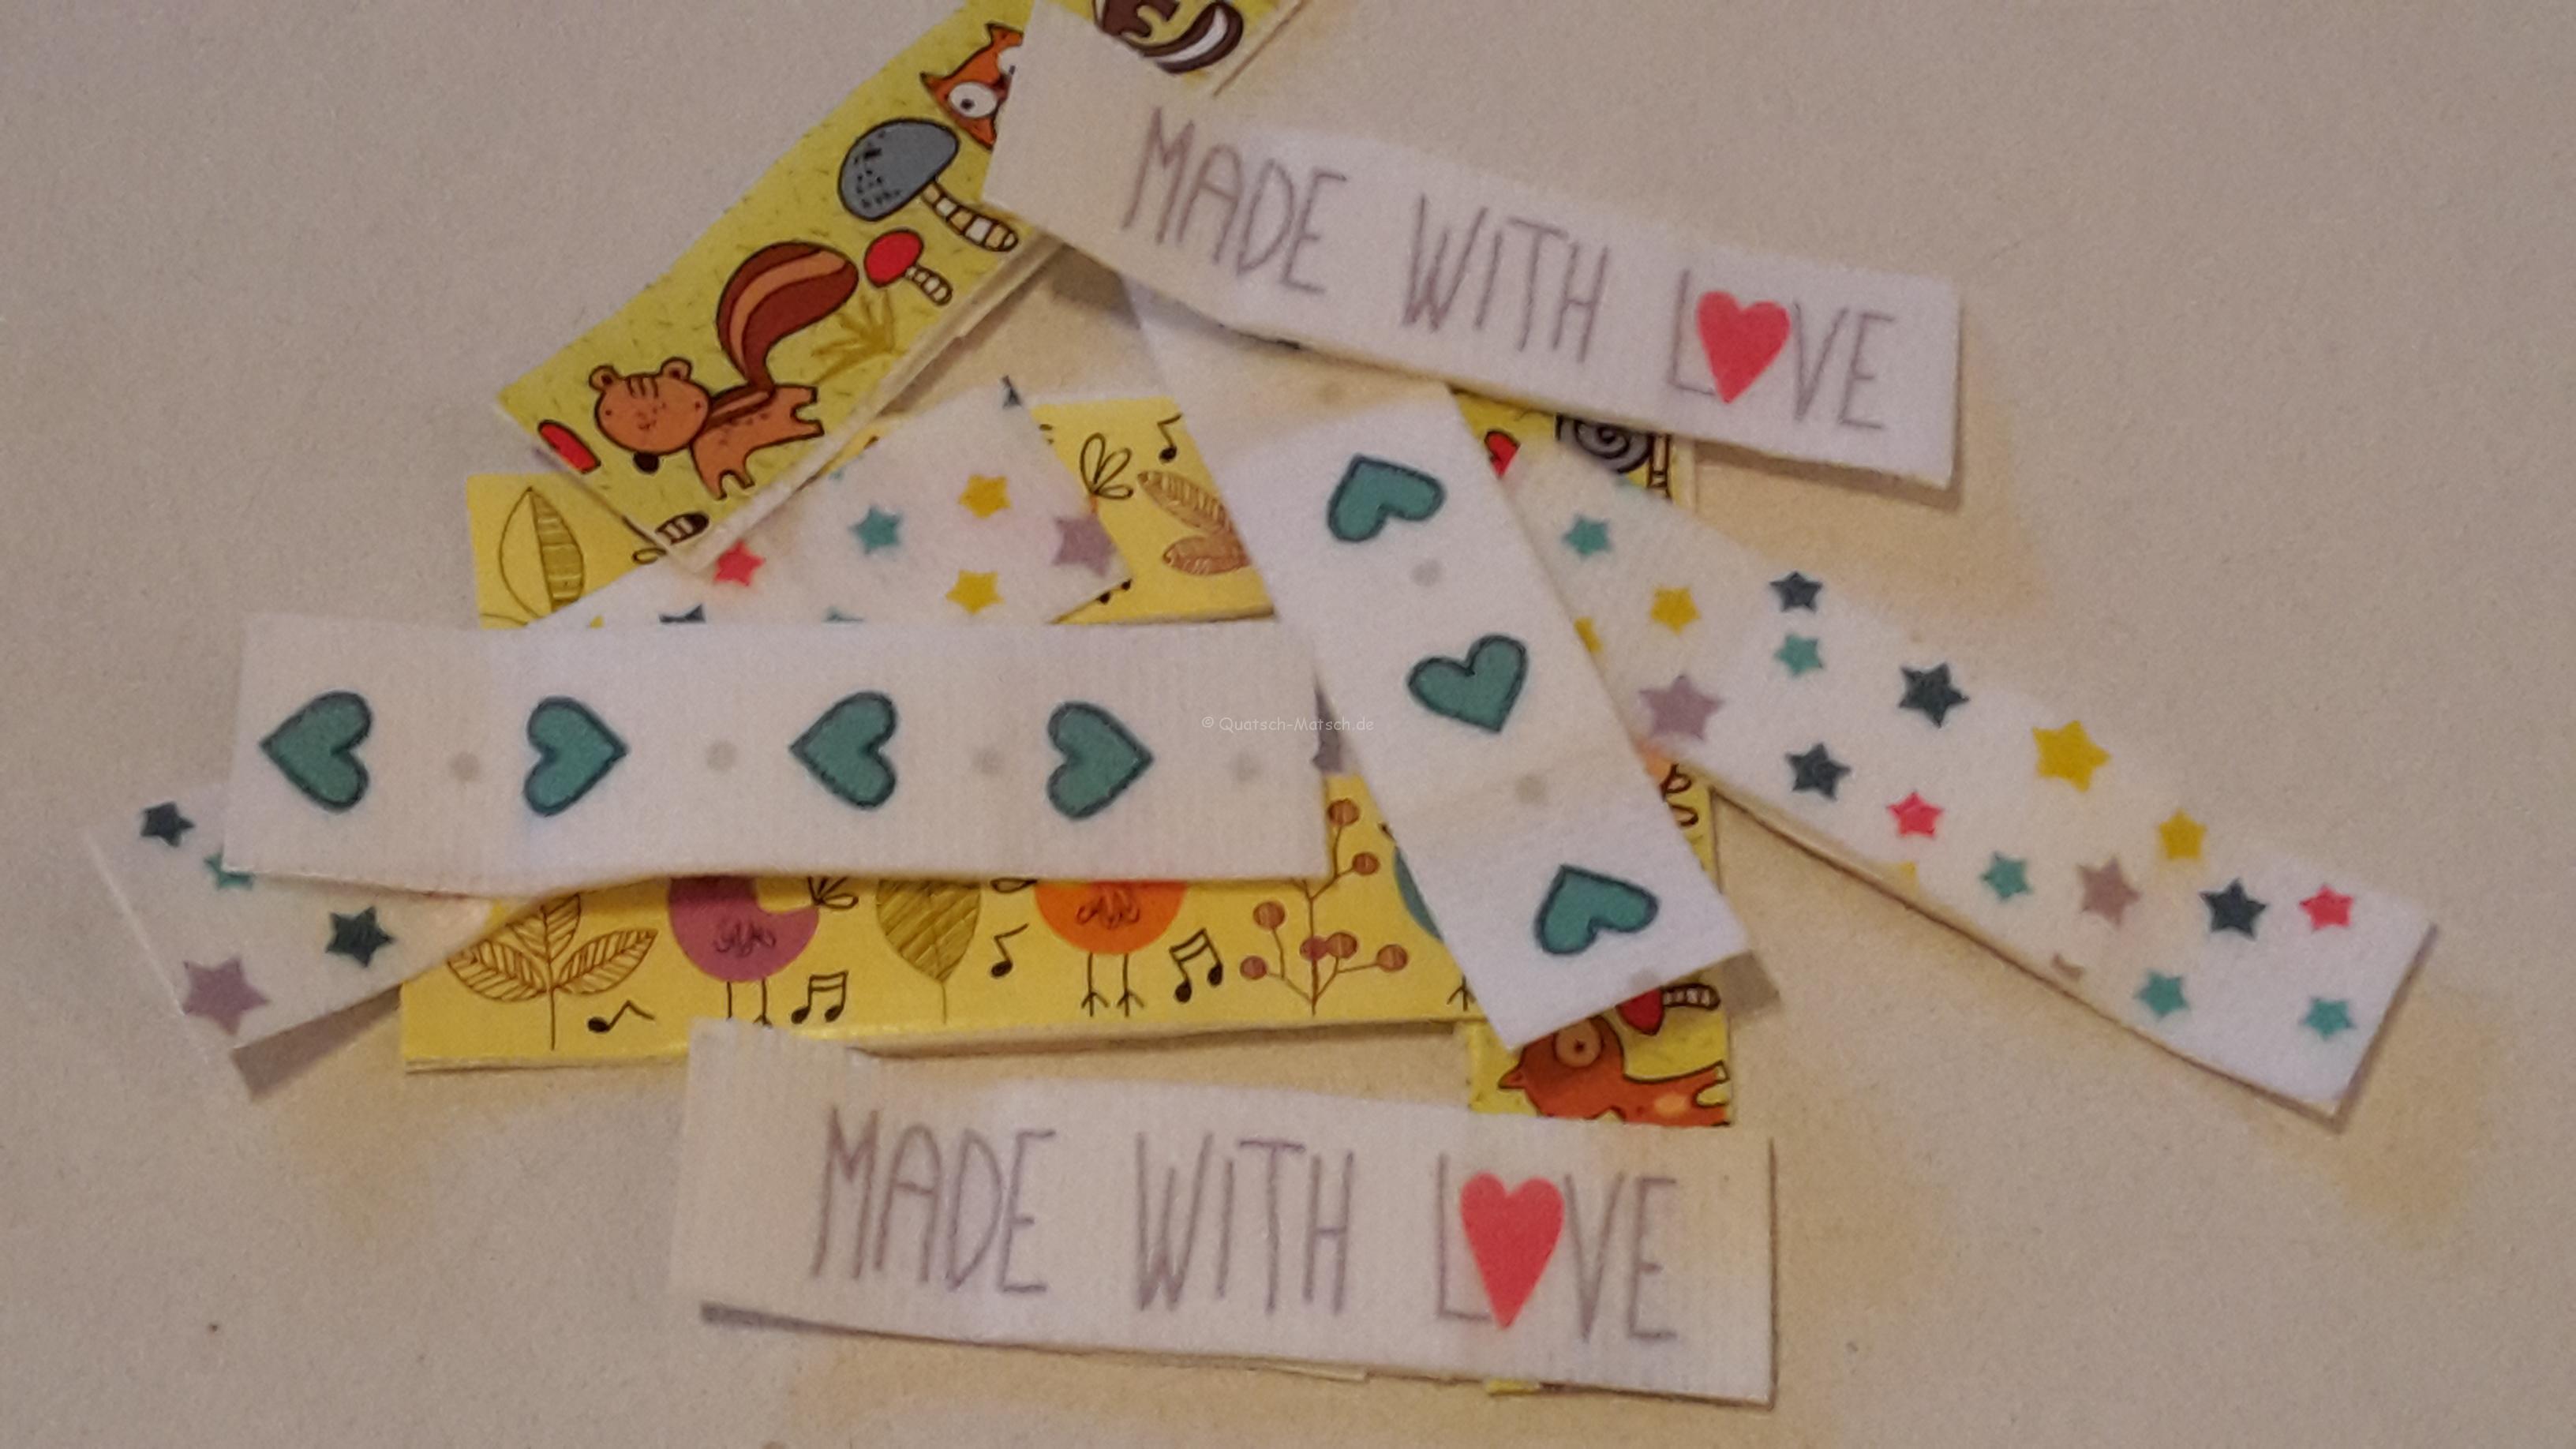 Pflaster mit Masking Tape/Washi Tape verschönern – DIY